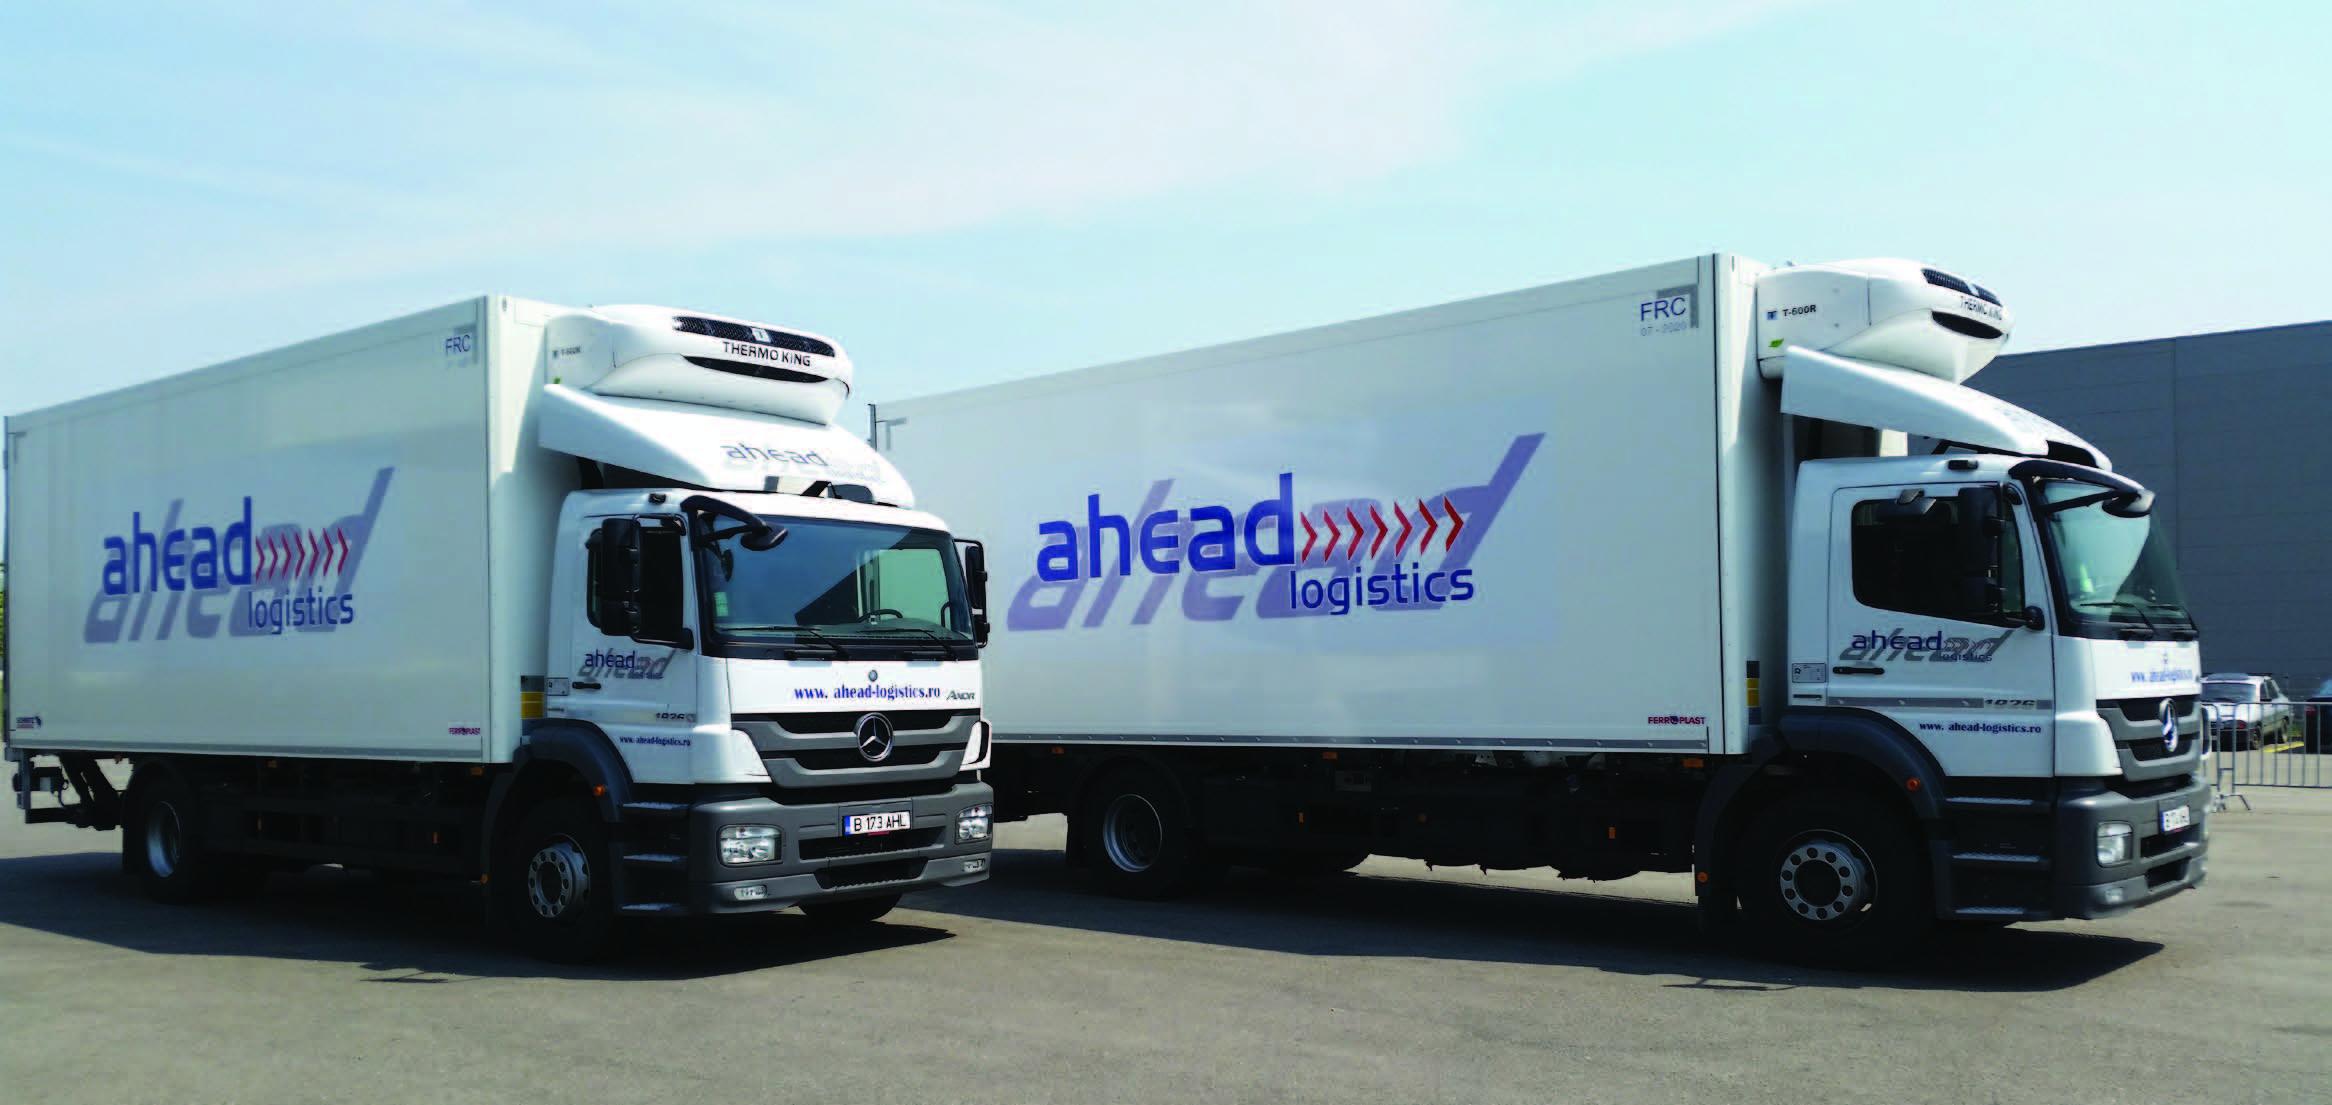 Ahead Logistics – Investiţiile ţin temperaturile sub control